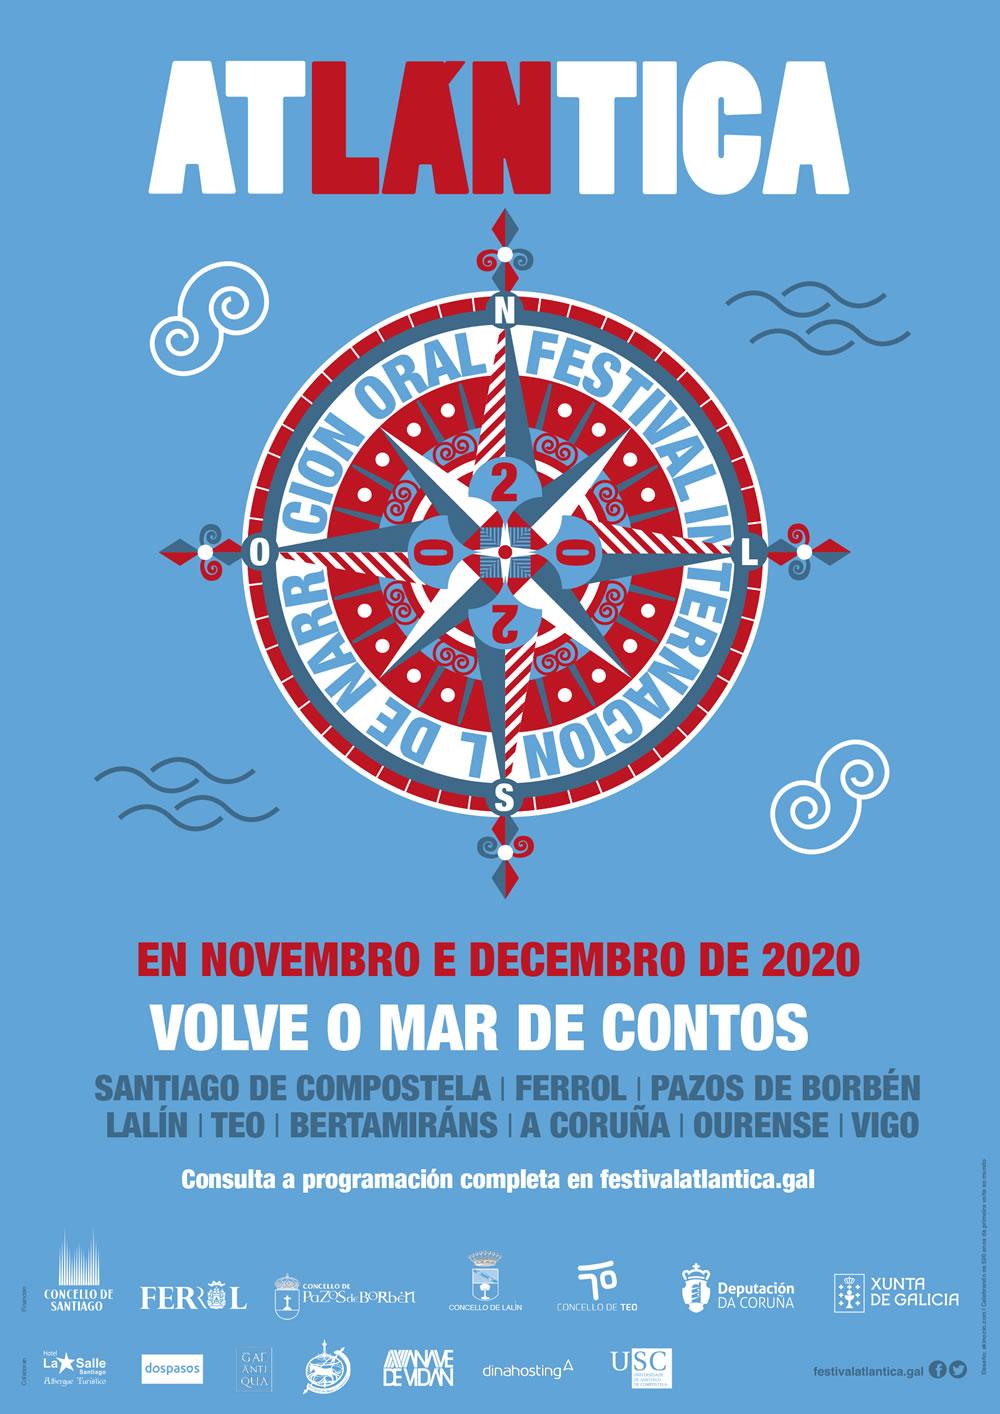 O Festival Atlántica de narración oral retoma a súa programación interrompida pola pandemia